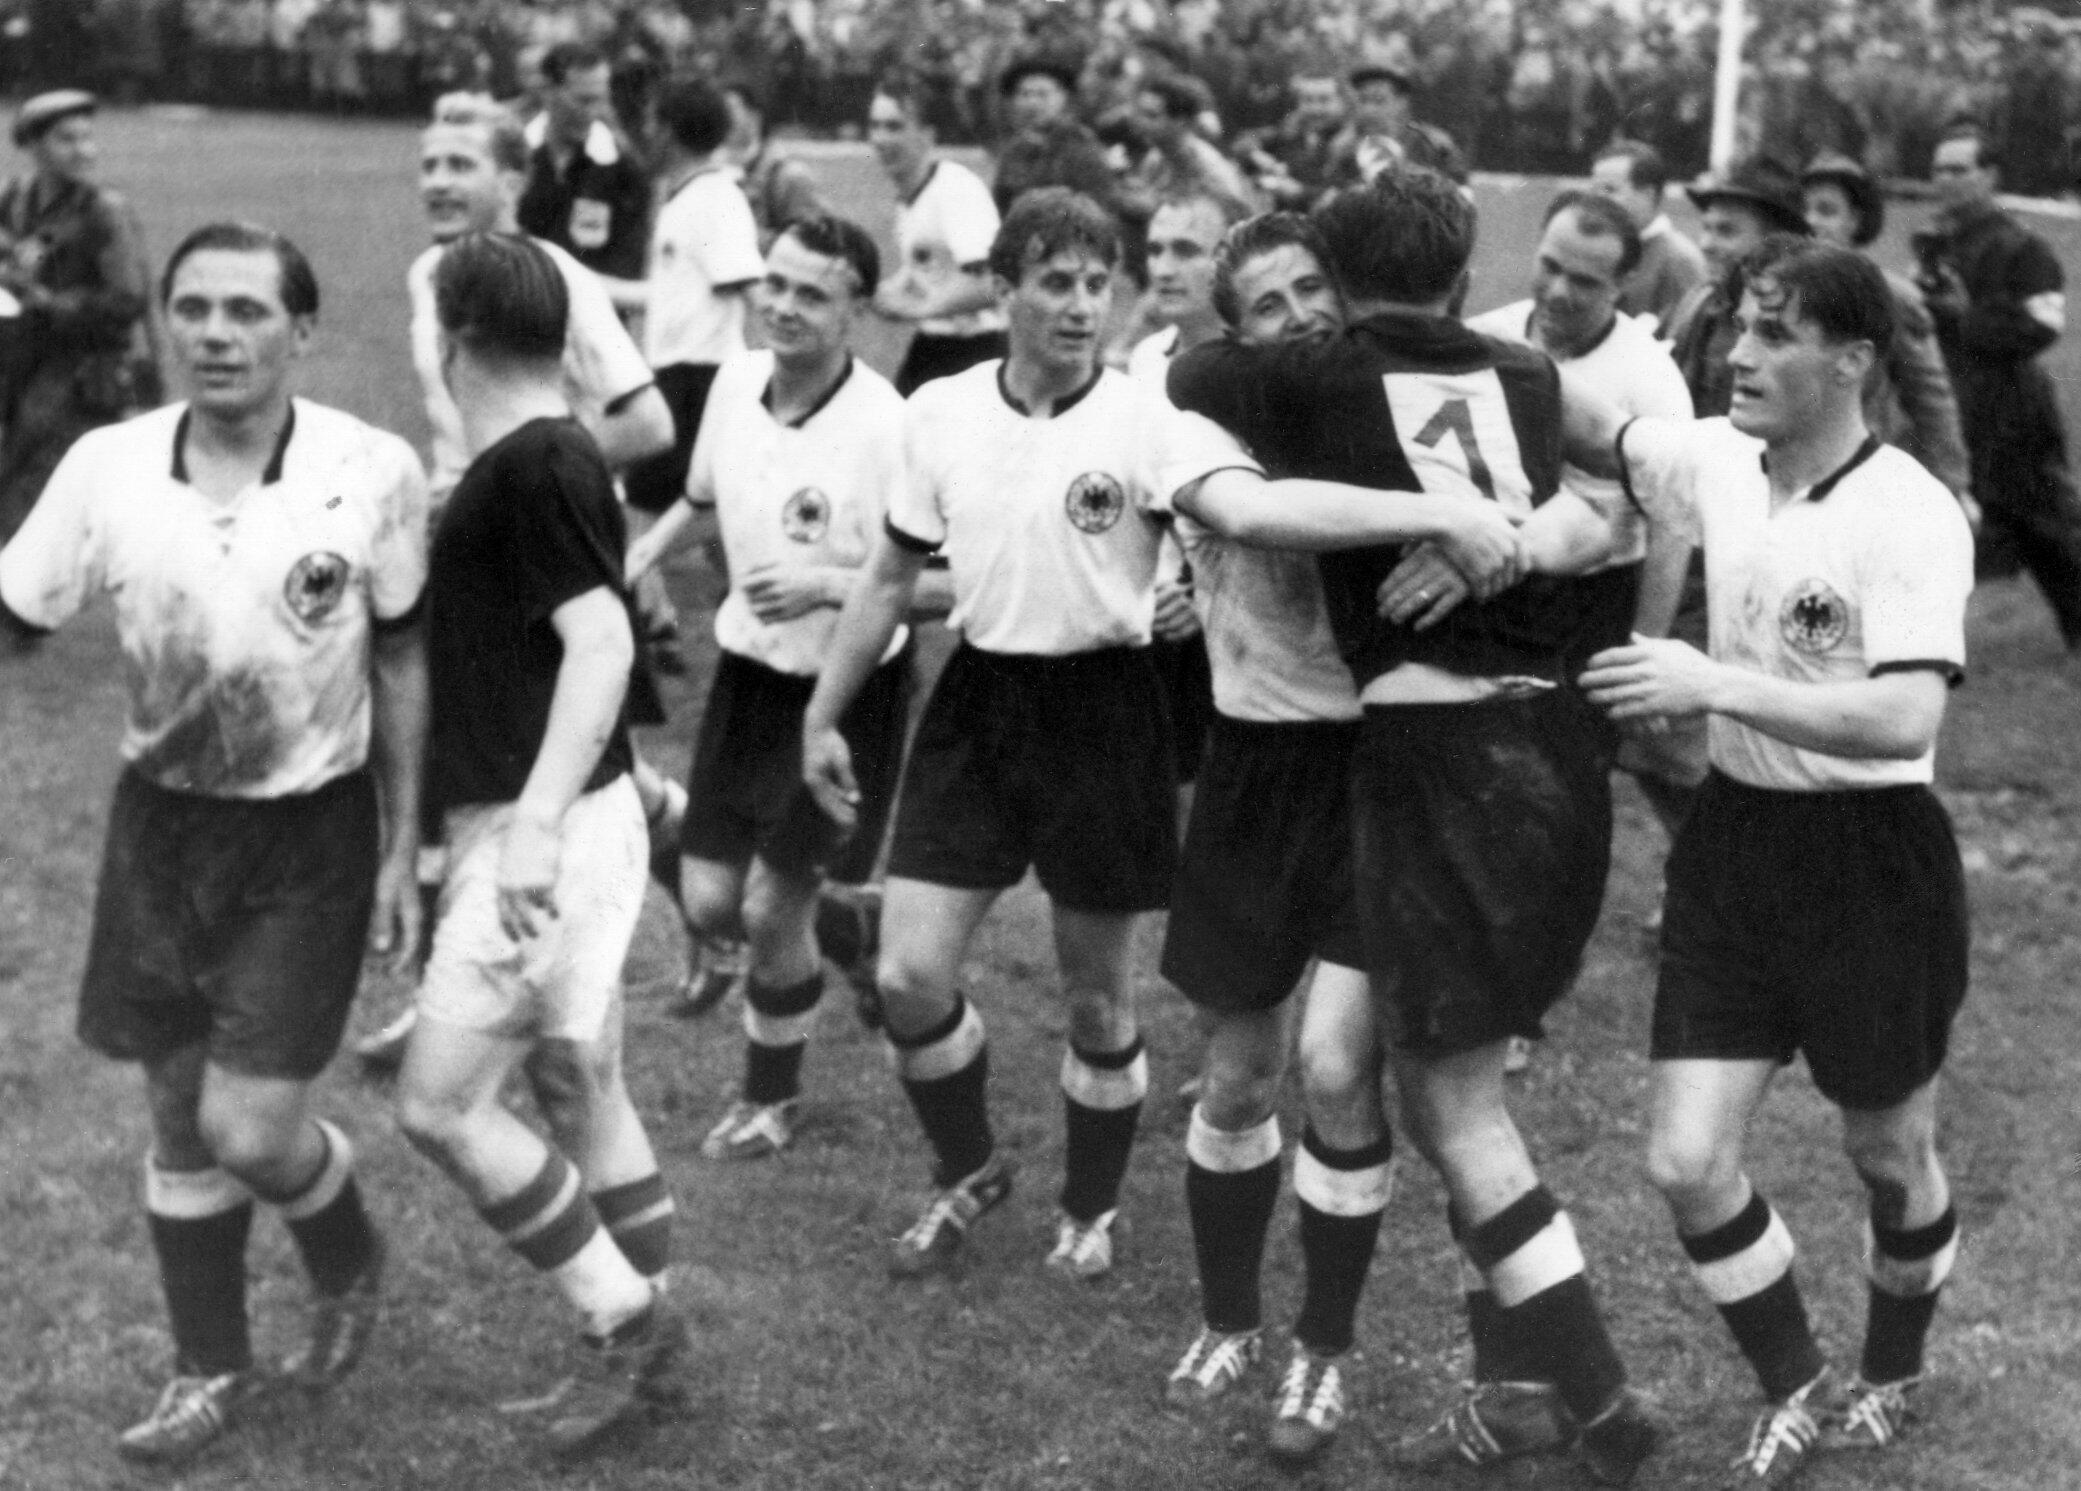 Bild zu WM 1954, Bern, Schweiz, Deutschland, Ungarn, Endspiel, Bern, Helmut Rahn, Ferenc Puskas, Toni Turek